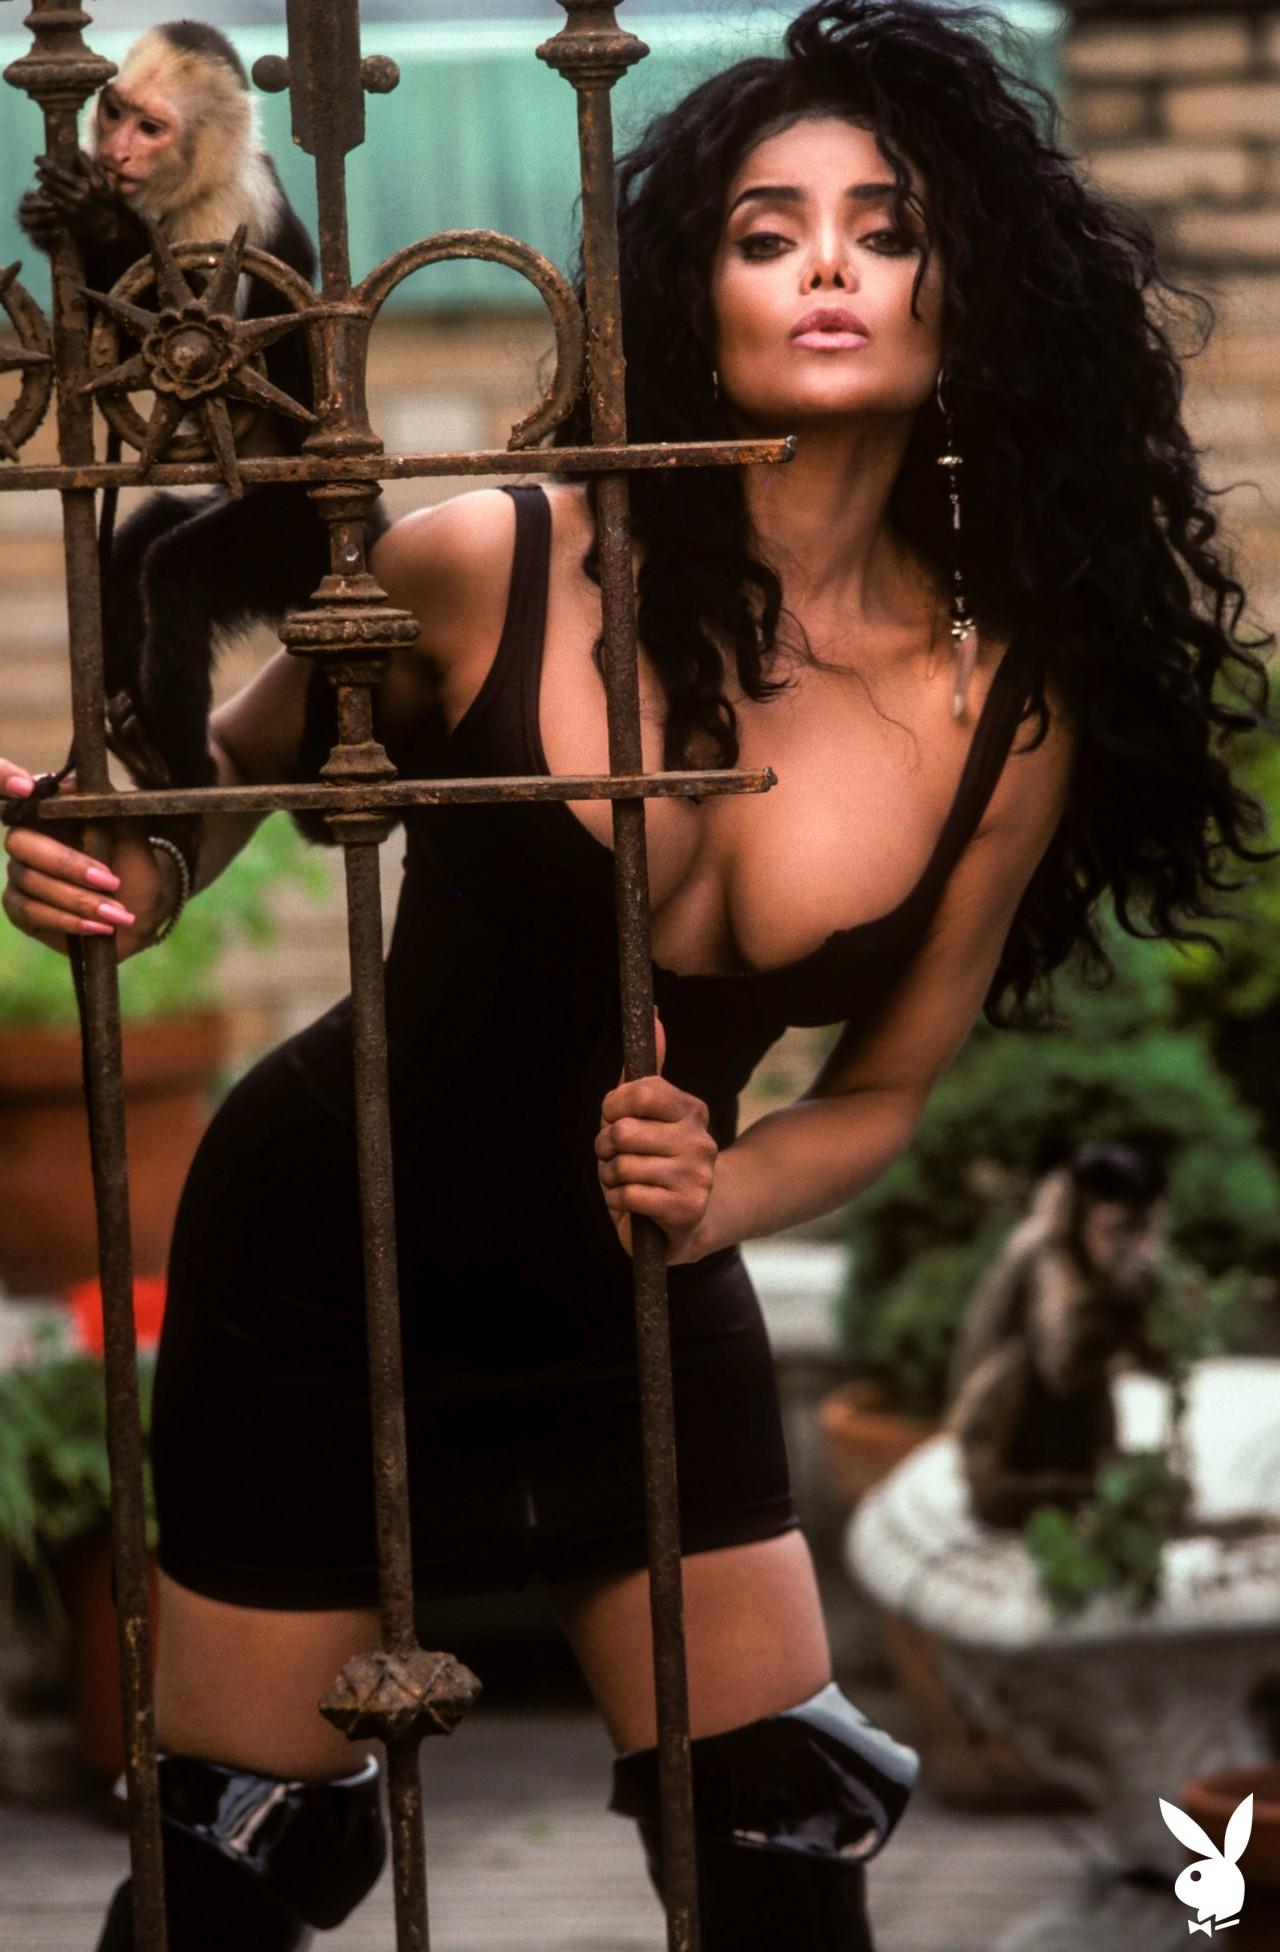 La Toya Jackson (25)